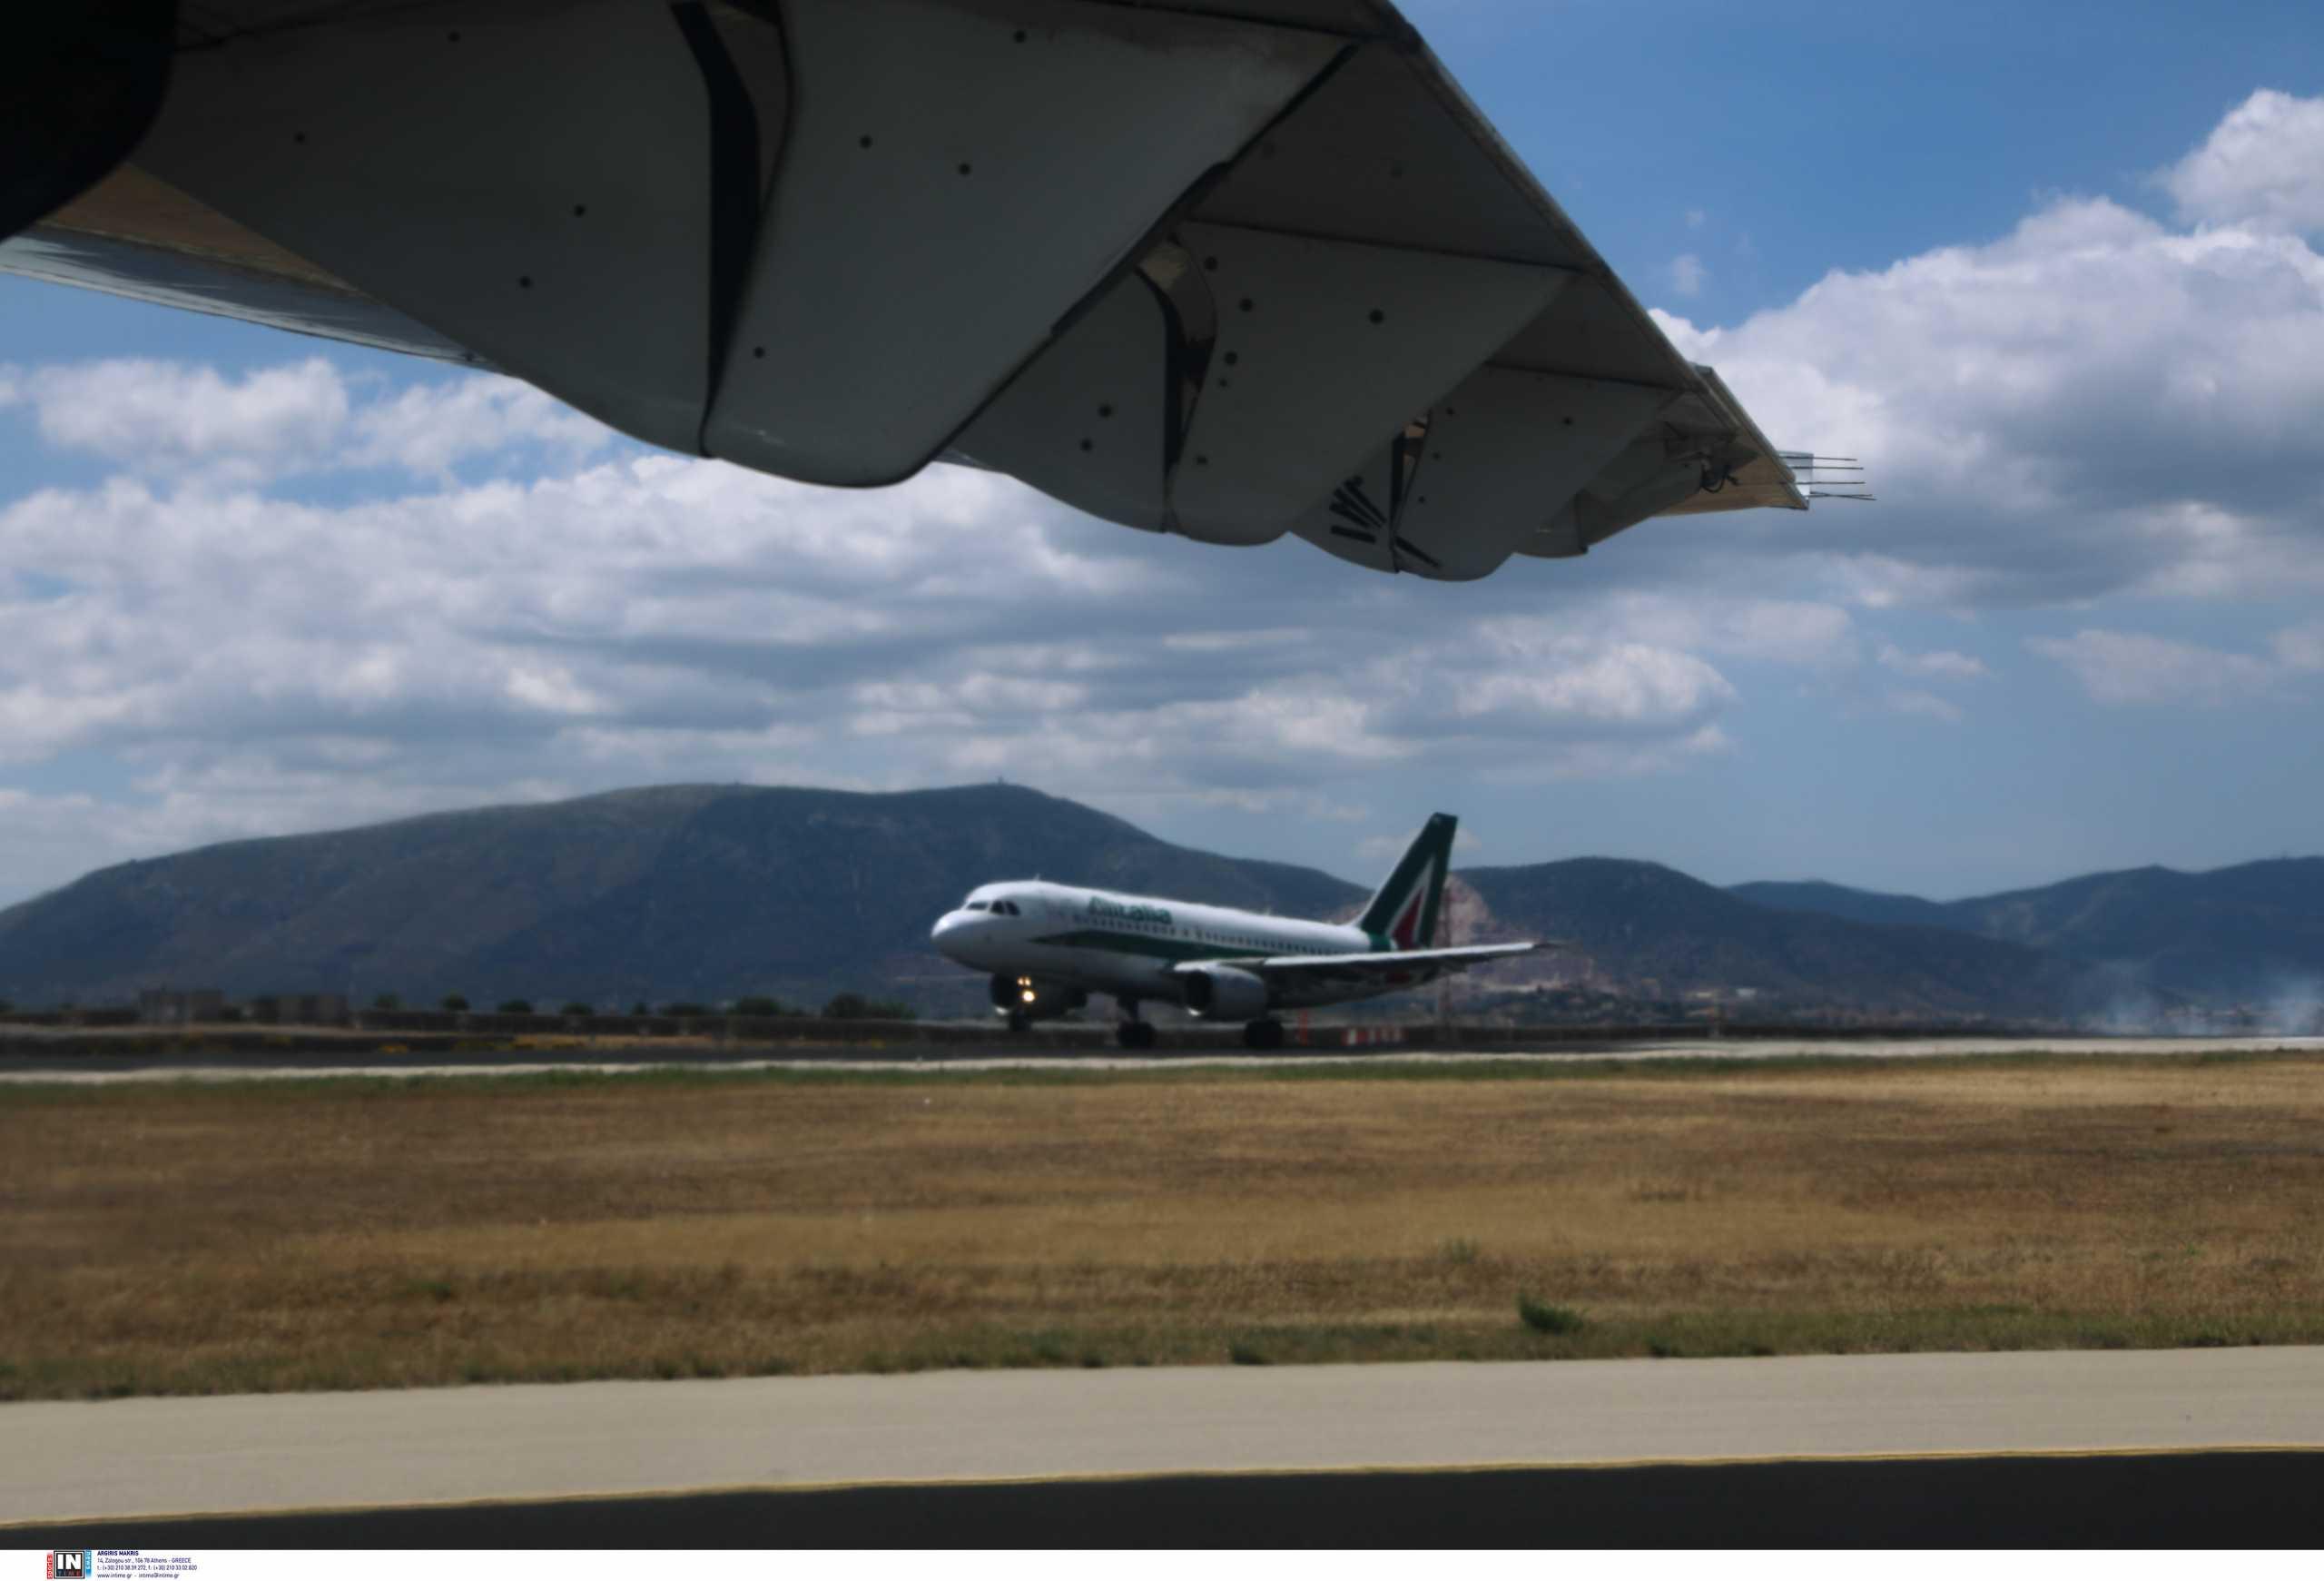 Παράταση παίρνουν η αεροπορικές οδηγίες για πτήσεις εξωτερικού και εσωτερικού – Τι προβλέπουν